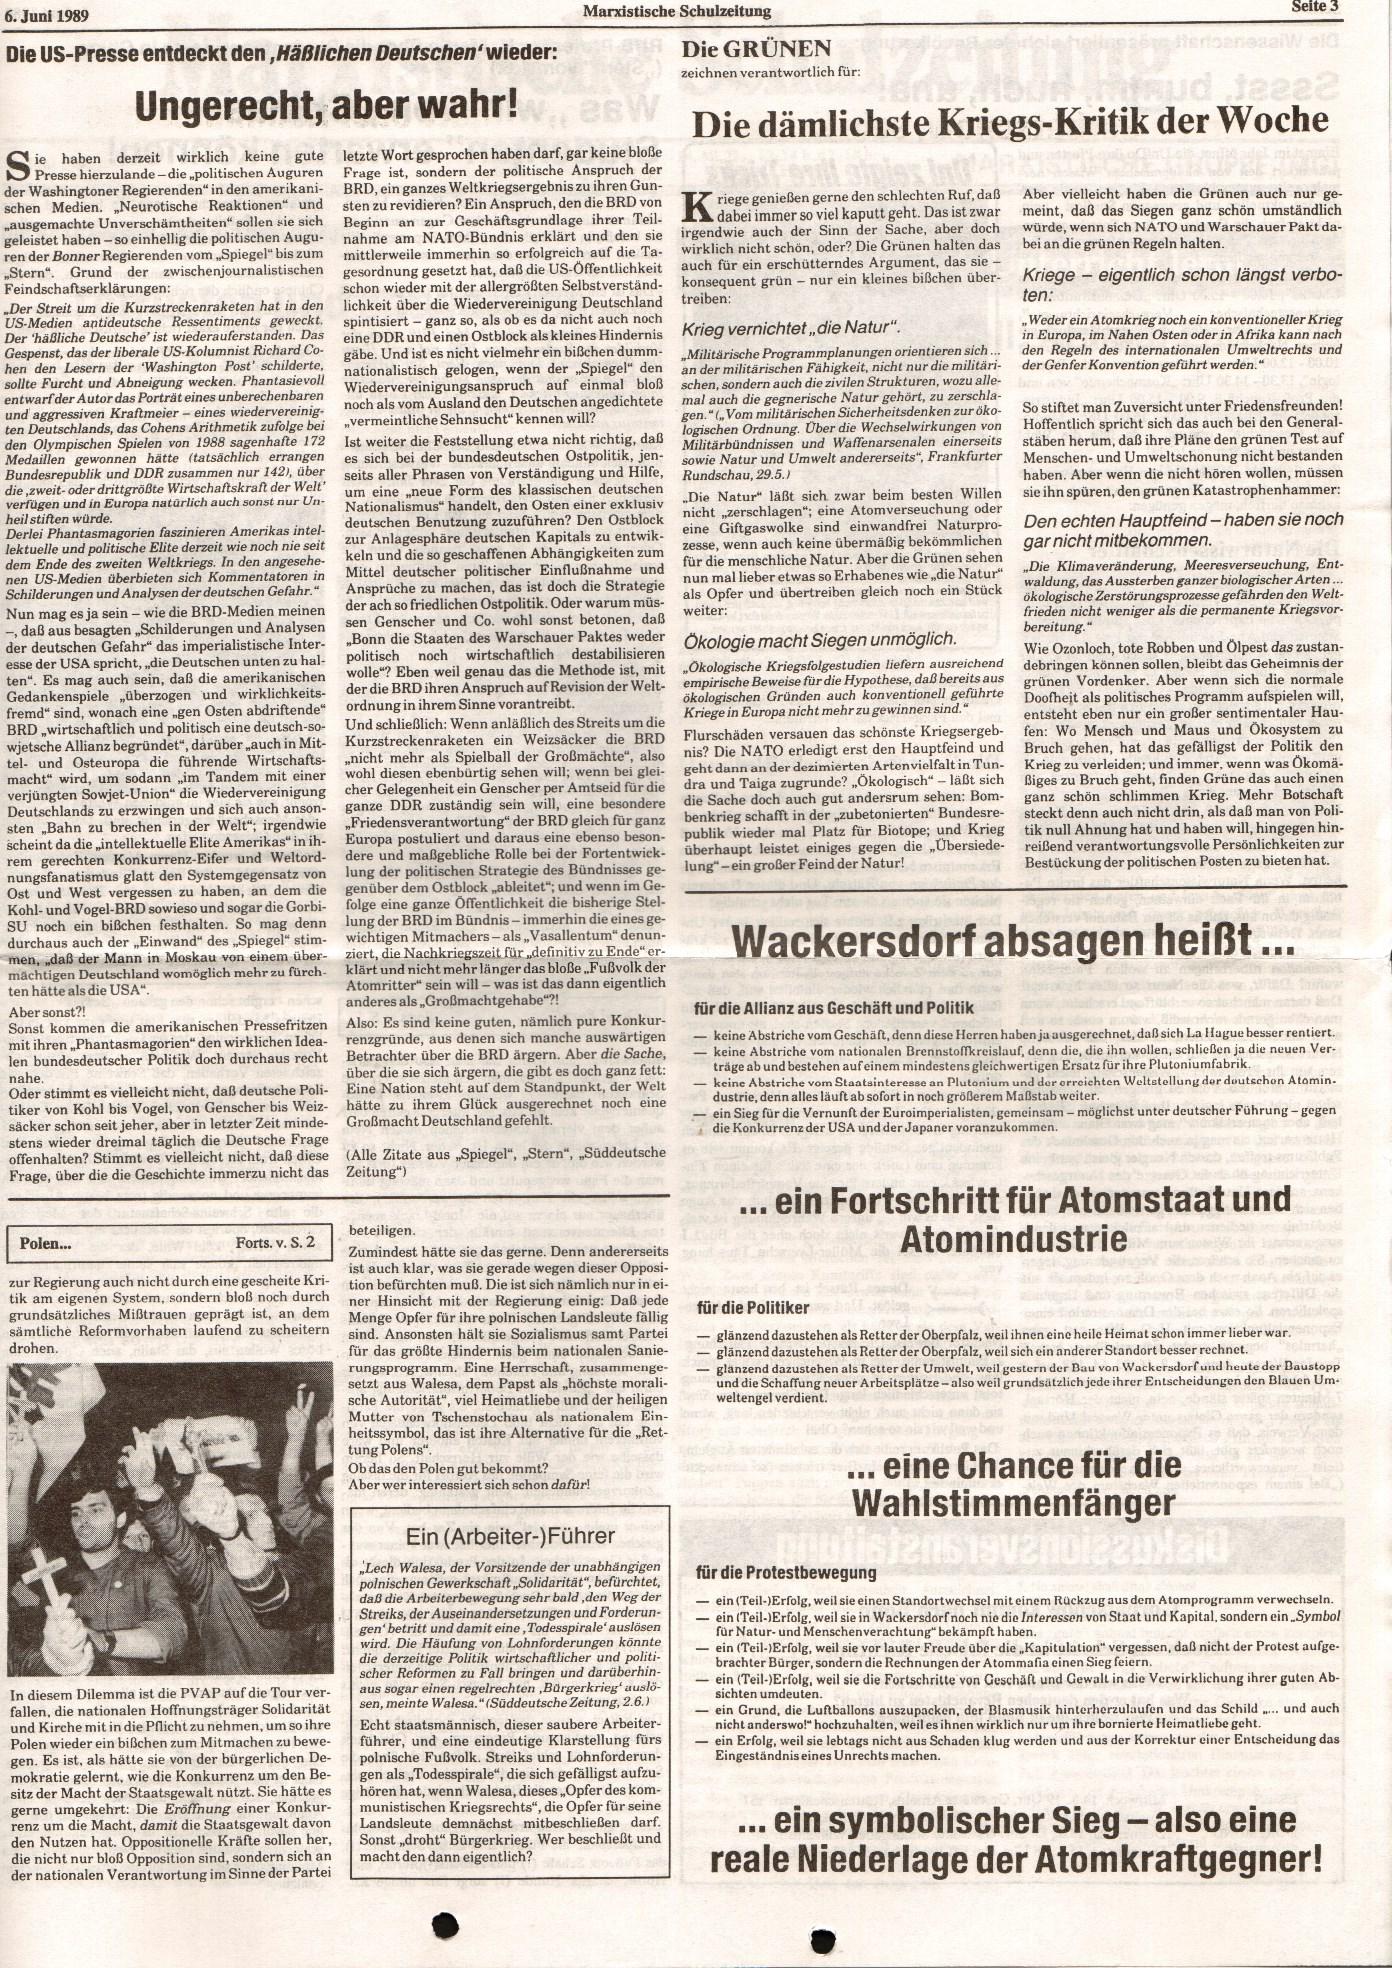 Ruhrgebiet_MG_Marxistische_Schulzeitung_19890606_03